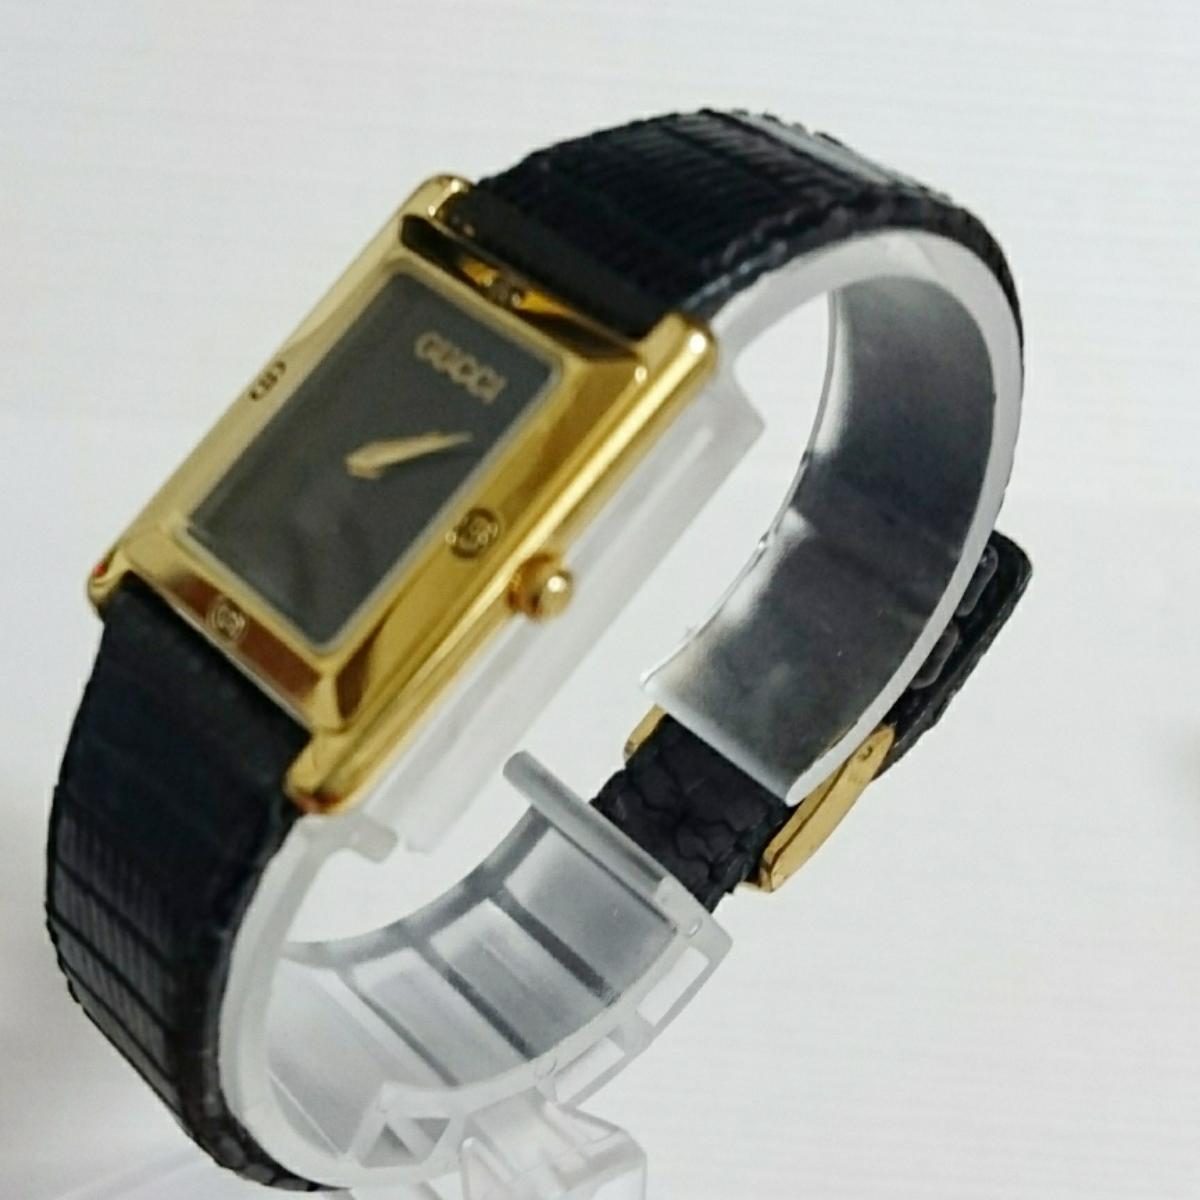 腕時計 グッチ 4100L スクエアブラック文字盤 レディース腕時計_画像7